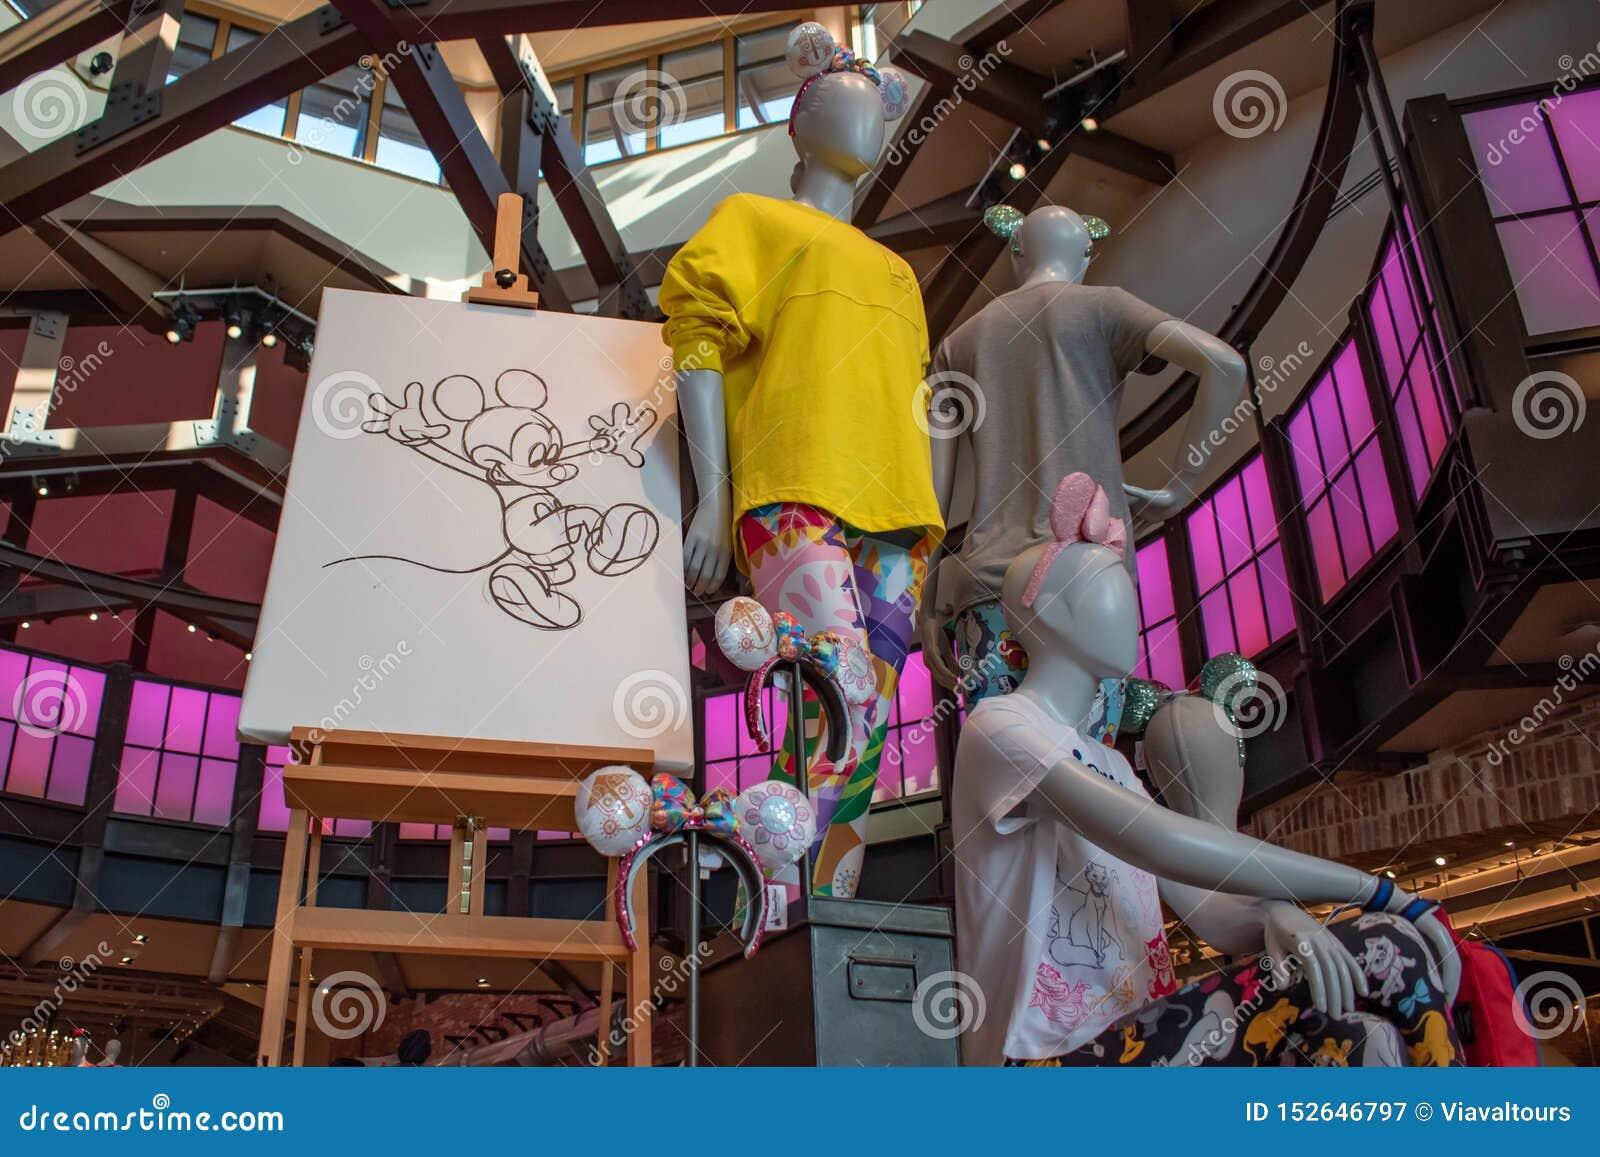 Roupa De Disney E Desenho Coloridos Da Mao De Mickey Nas Molas De